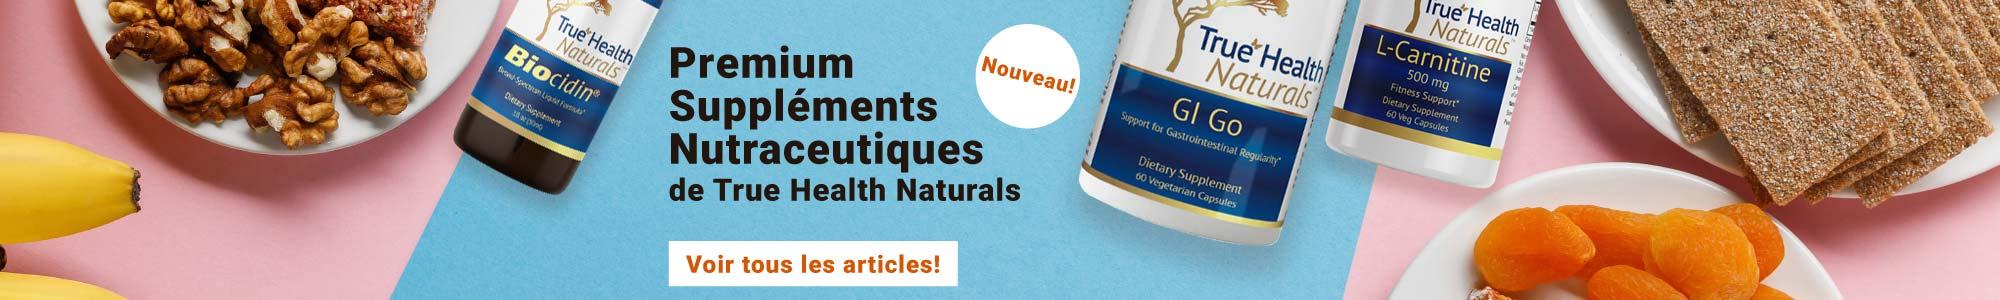 Nouveau! Premium Suppléments Nutraceutiques de True Health Naturals. Voir tous les articles!